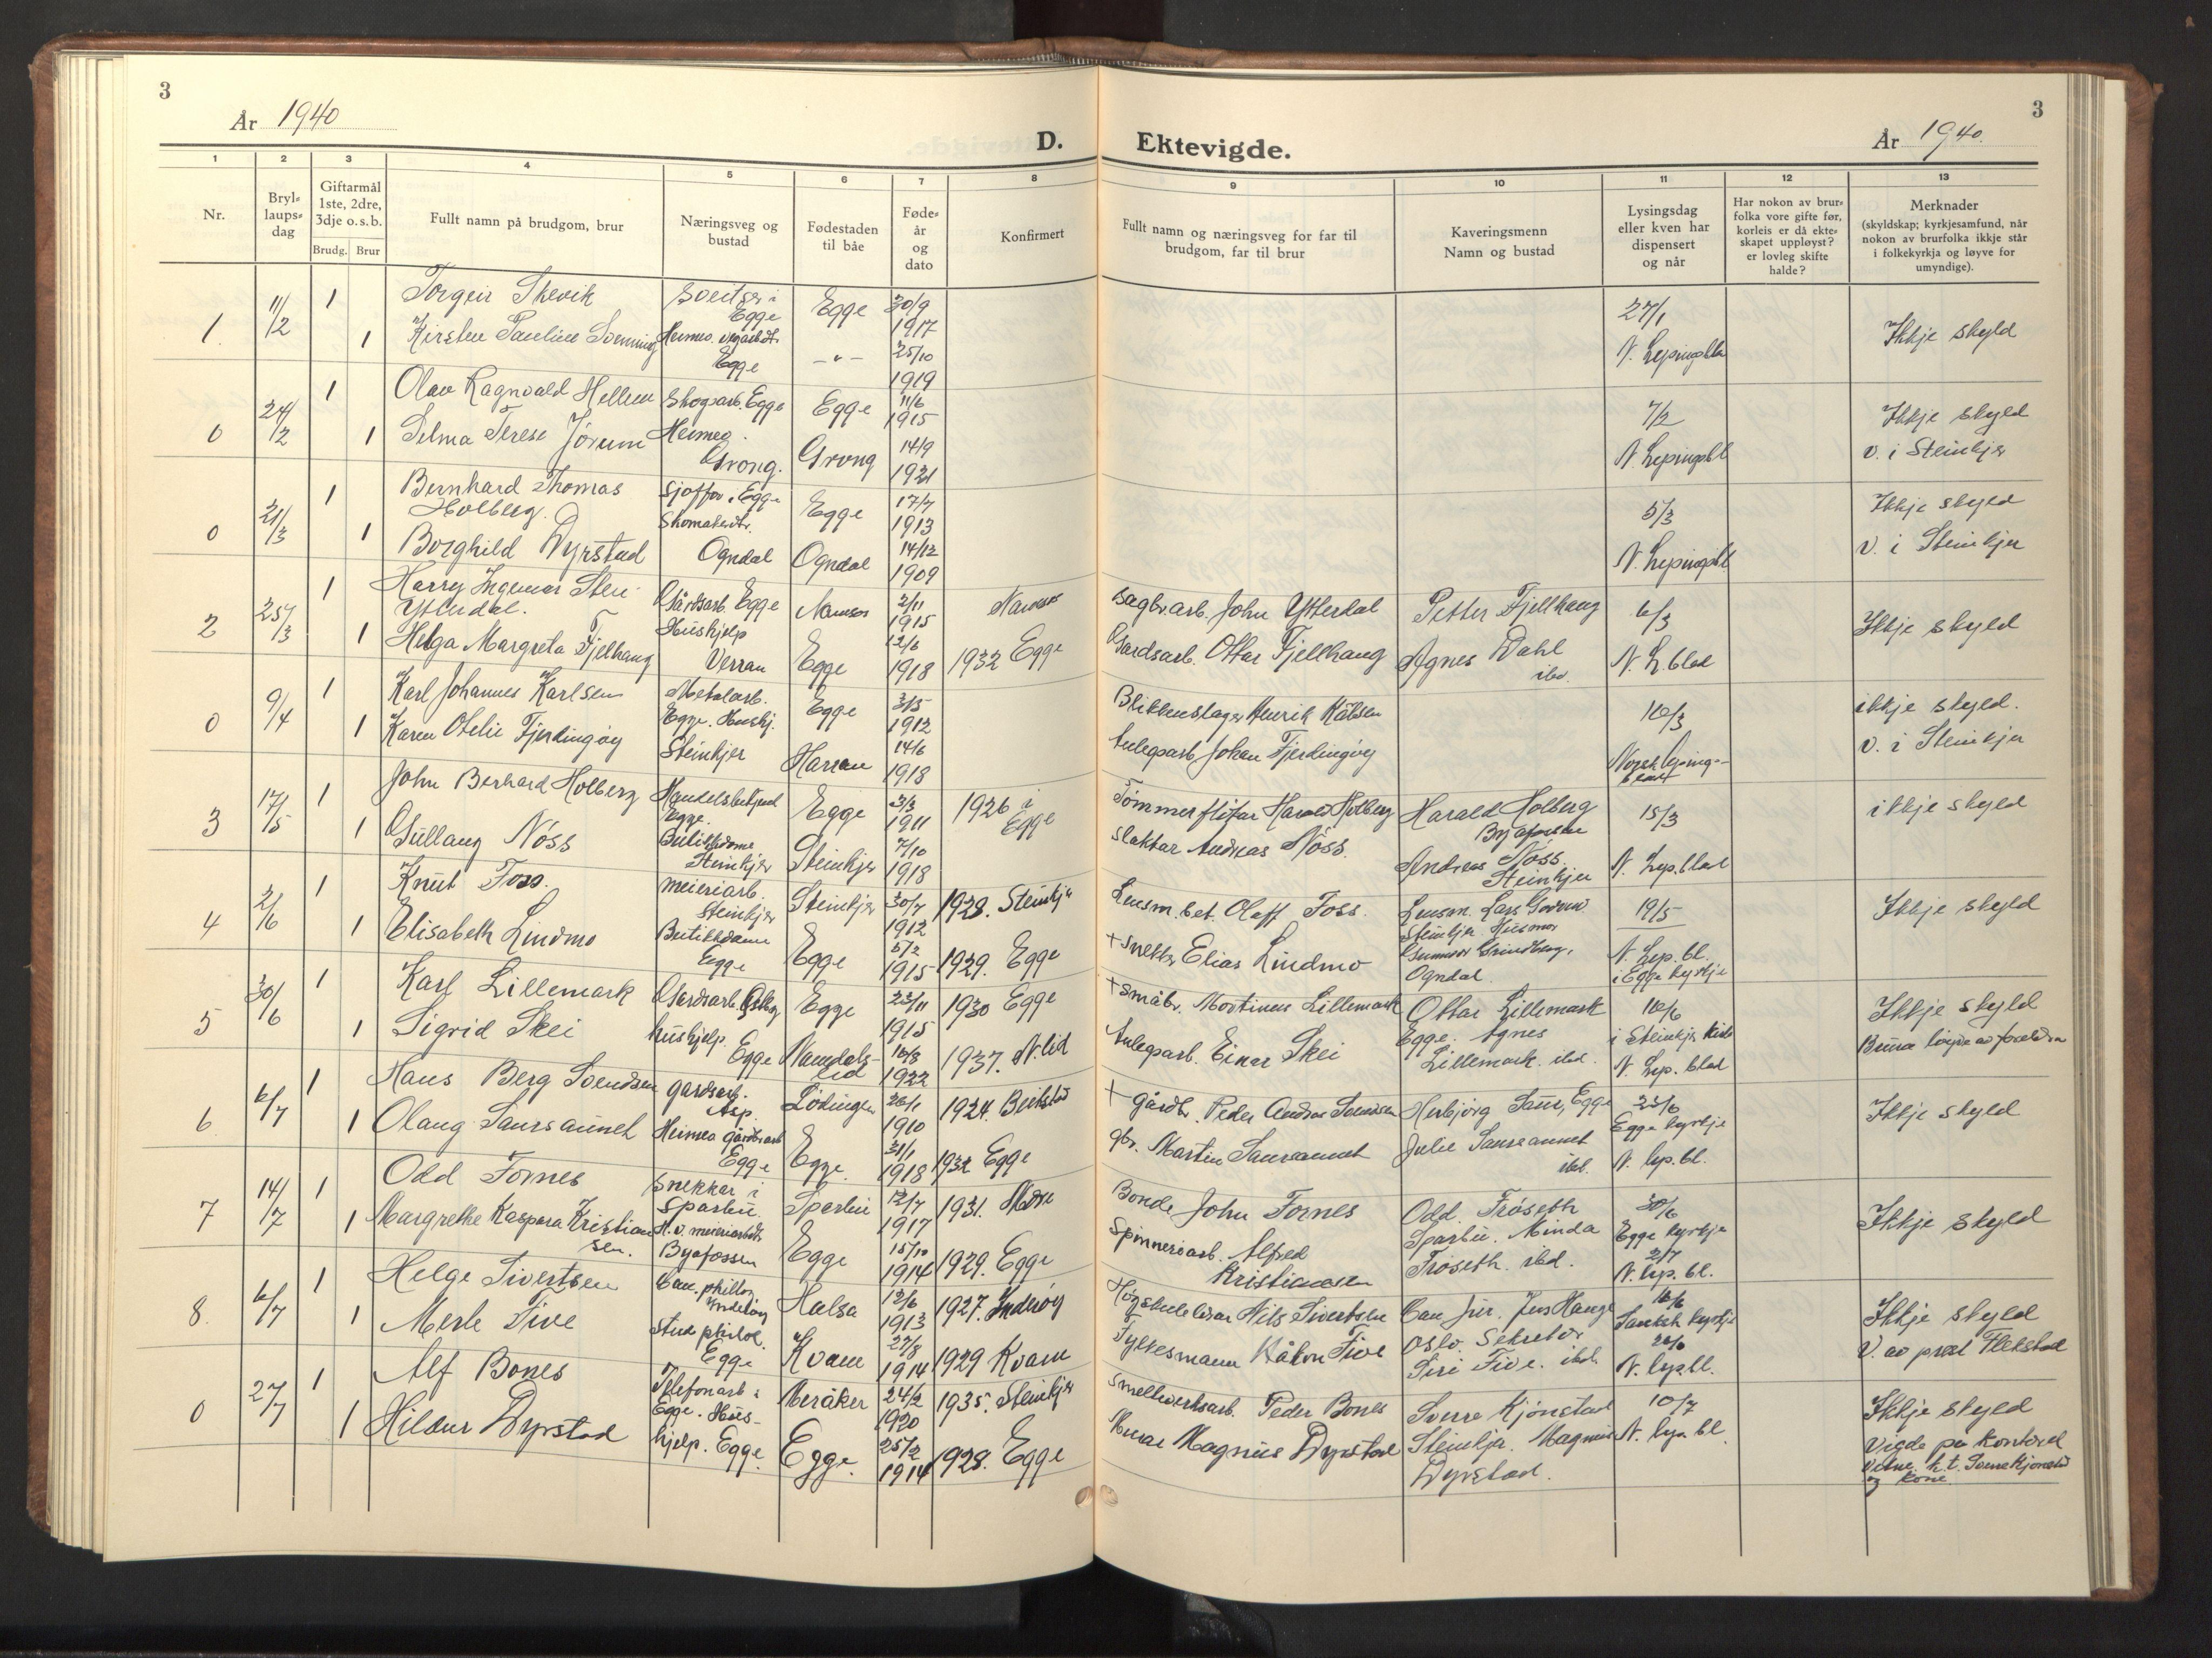 SAT, Ministerialprotokoller, klokkerbøker og fødselsregistre - Nord-Trøndelag, 740/L0384: Klokkerbok nr. 740C05, 1939-1946, s. 3